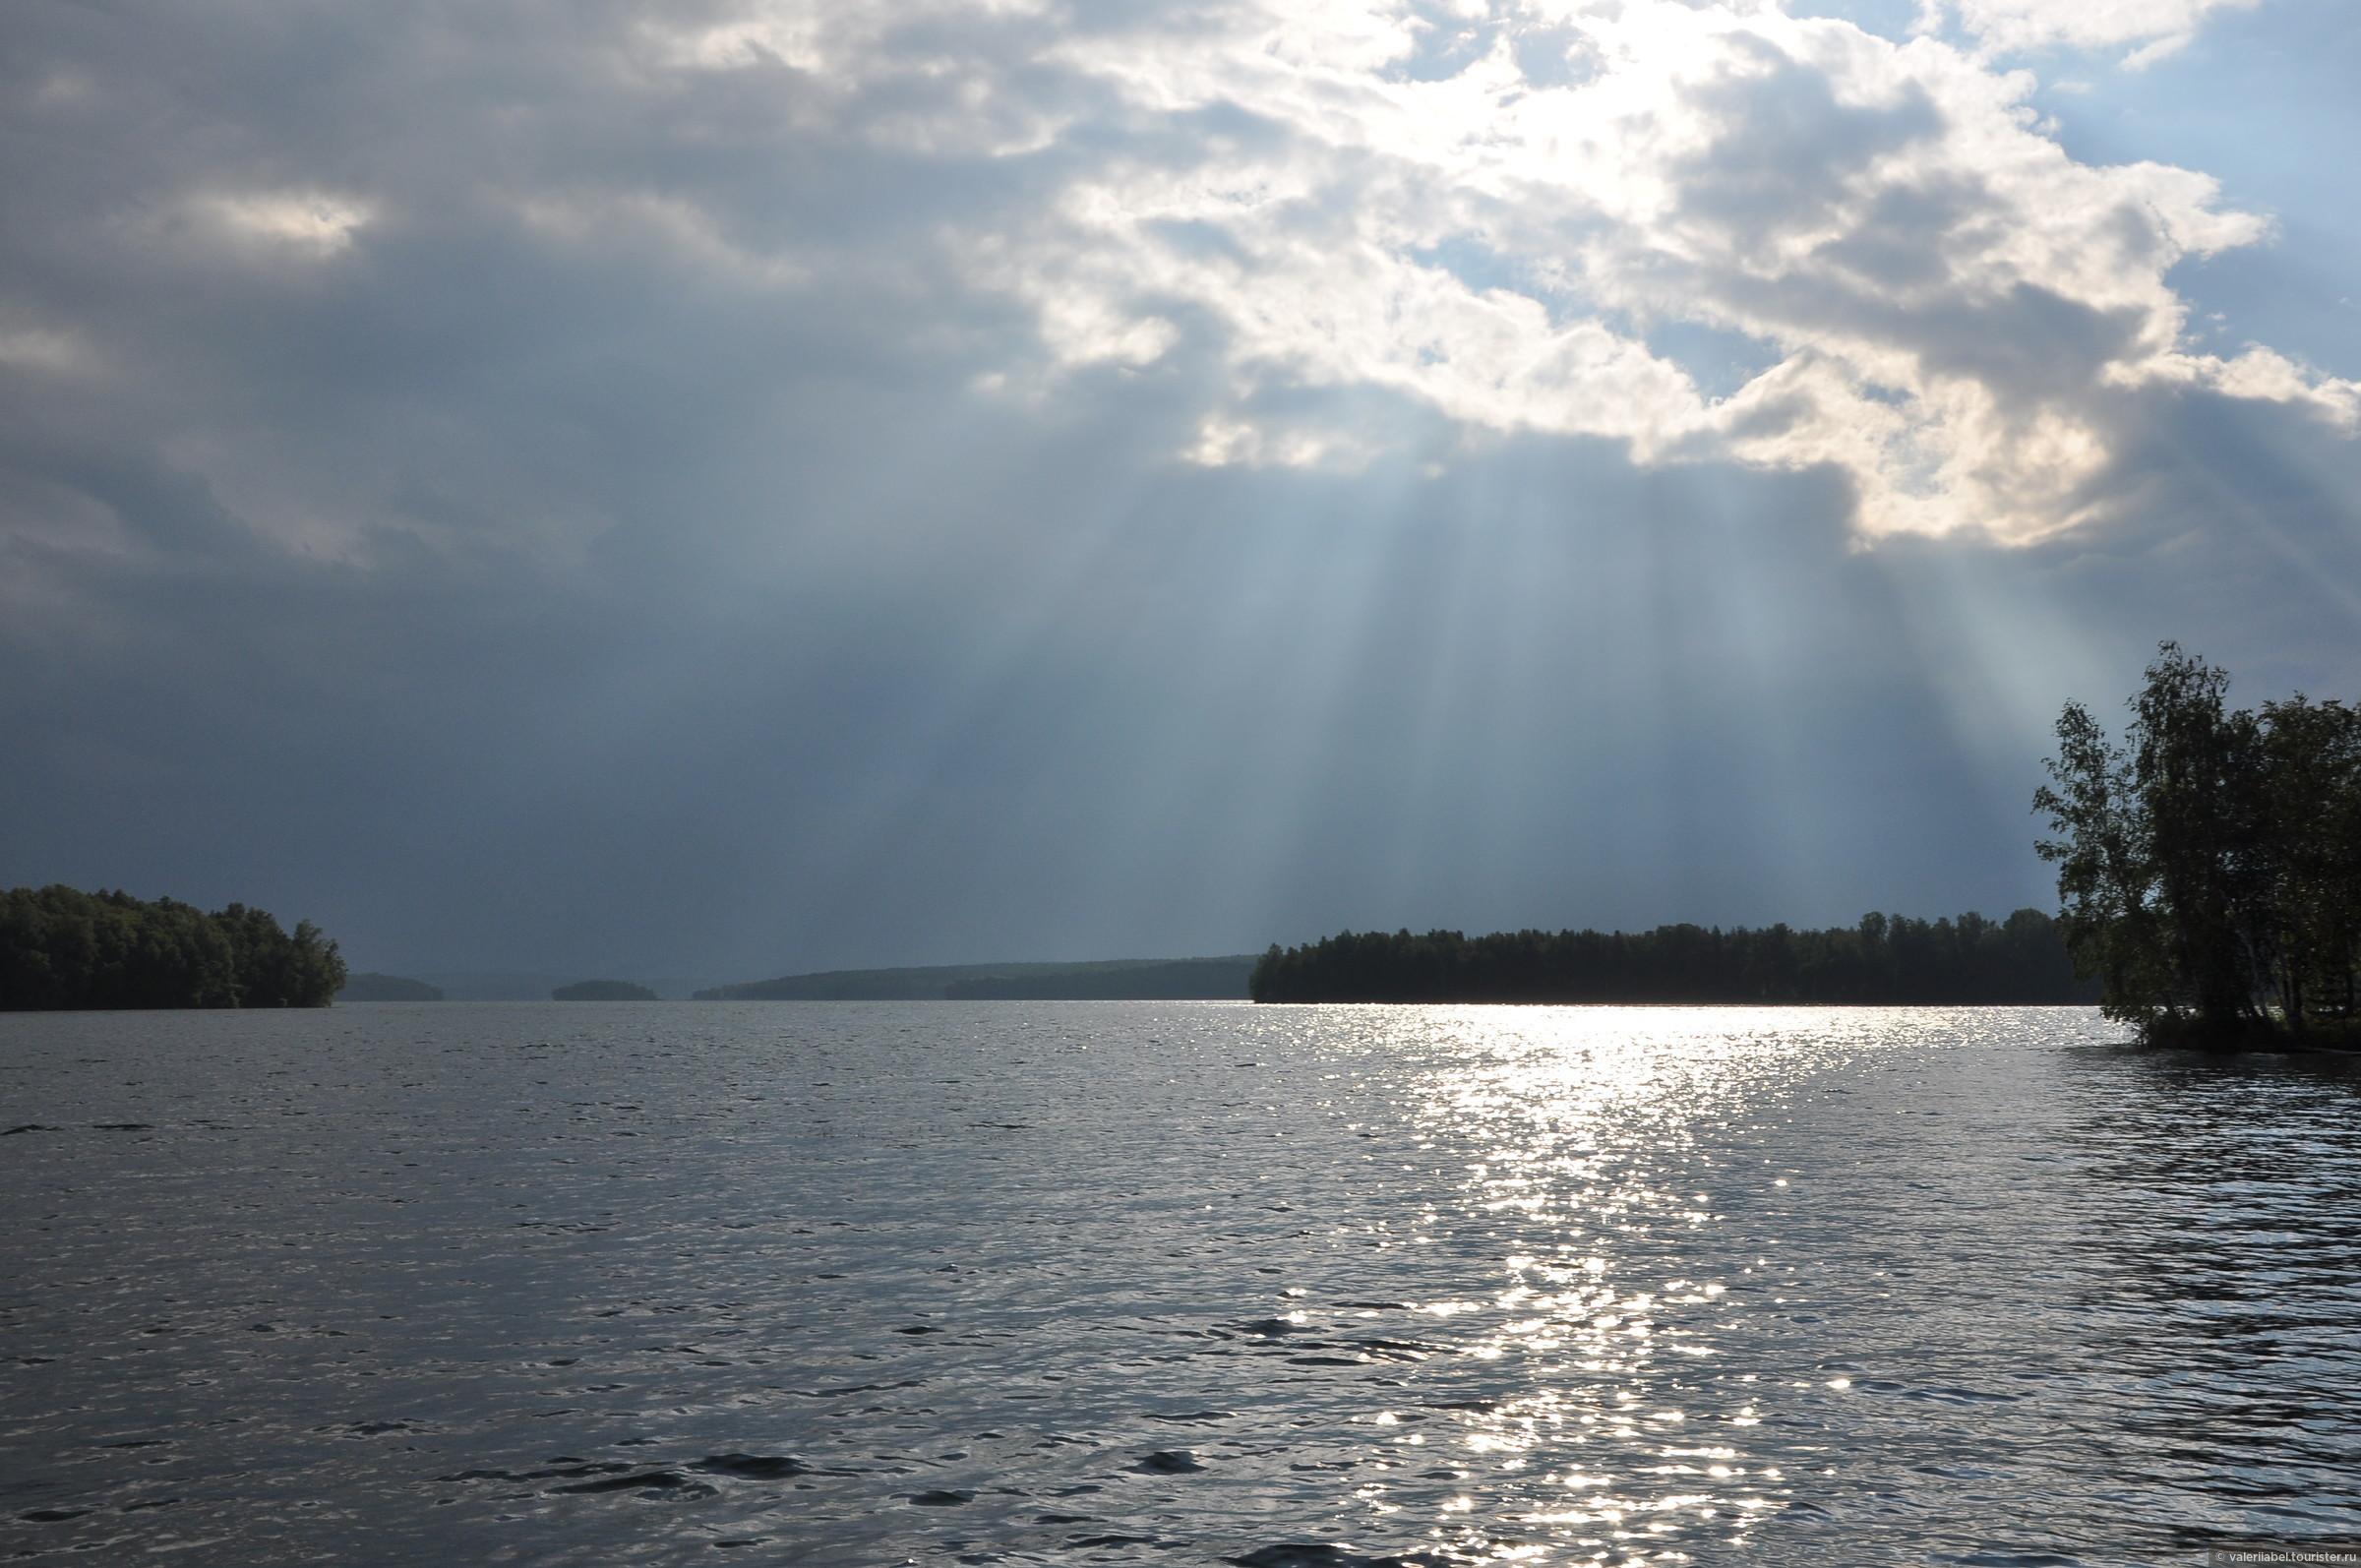 раскопки озеро увильды челябинская область базы отдыха фото было сделано для